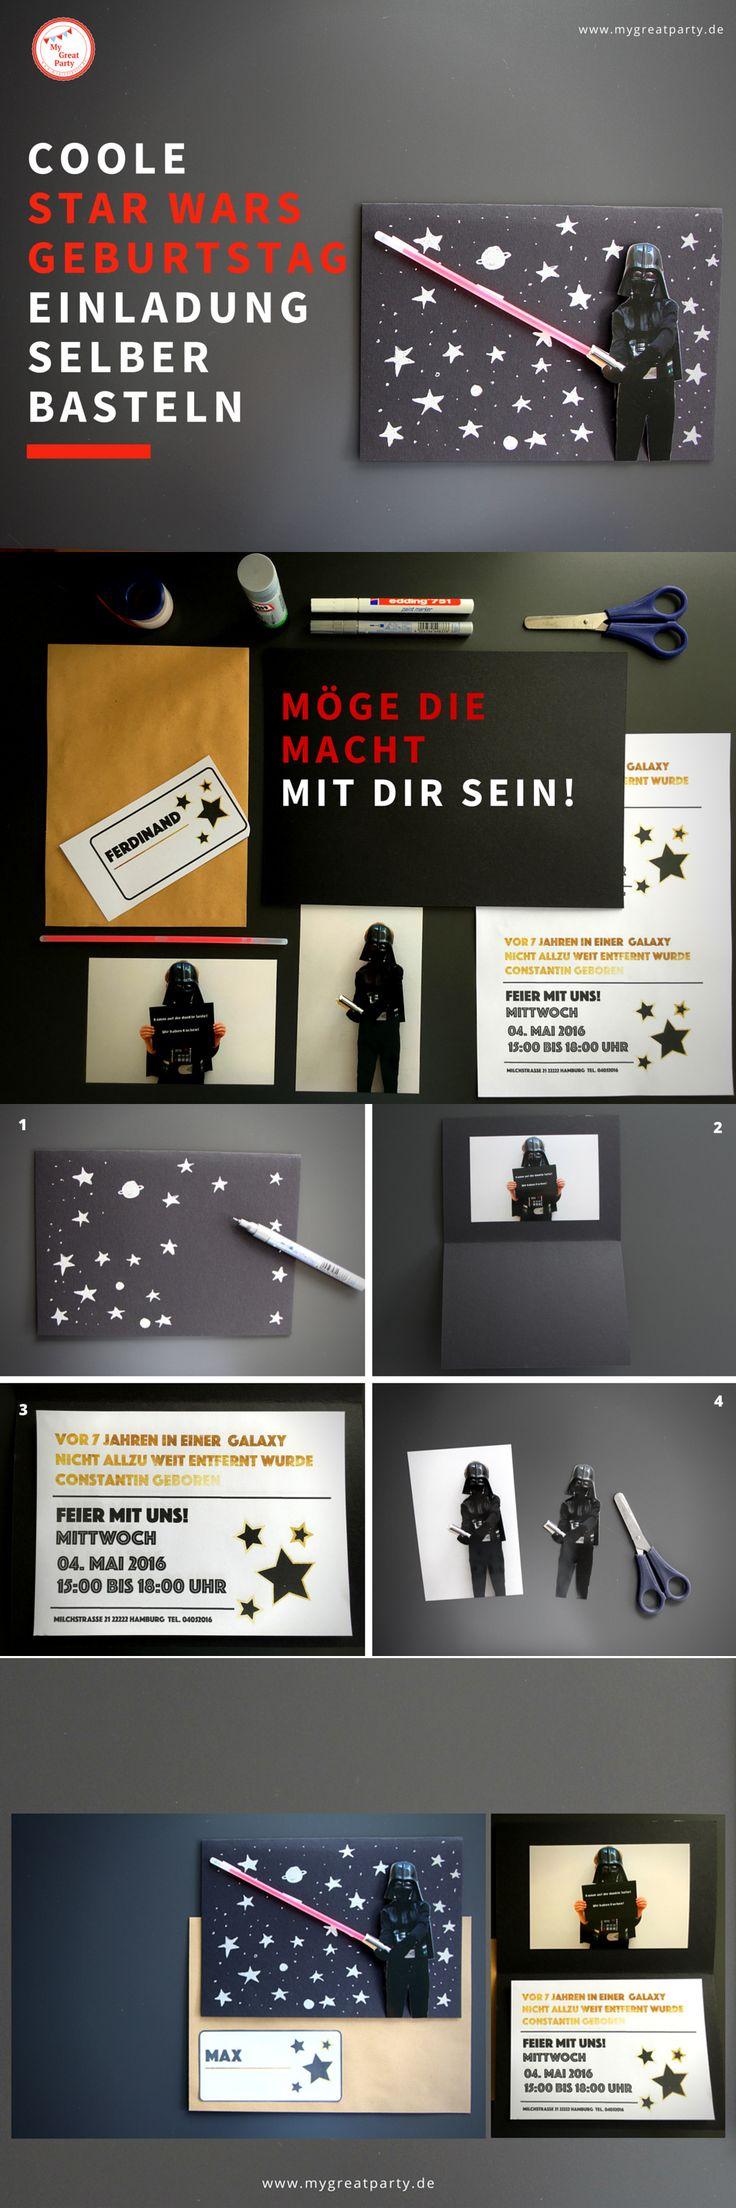 Coole Star Wars Geburtstag Einladung selber basteln. Auf der Außenseite mit Darth Vader und rotem Knicklicht als Laserschwert. Mit Star Wars inspirierten Einladungstext. Bastelanleitung zum Nachmachen.  https://www.mygreatparty.de/blogs/news/117732549-coole-star-wars-geburtstag-einladung-selber-basteln